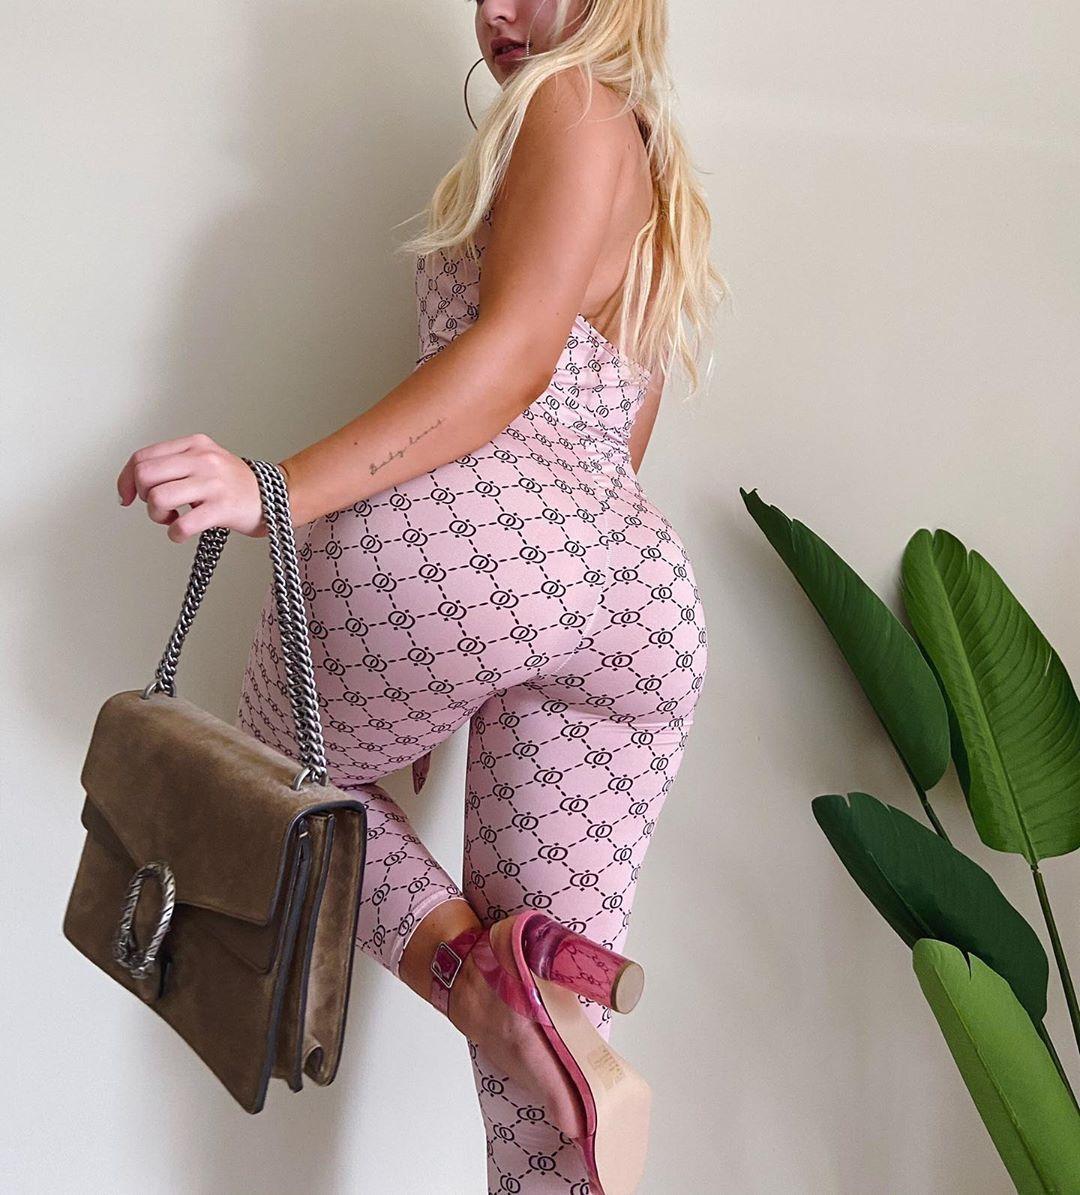 Jenni Niemaann Sexy & Topless 0058